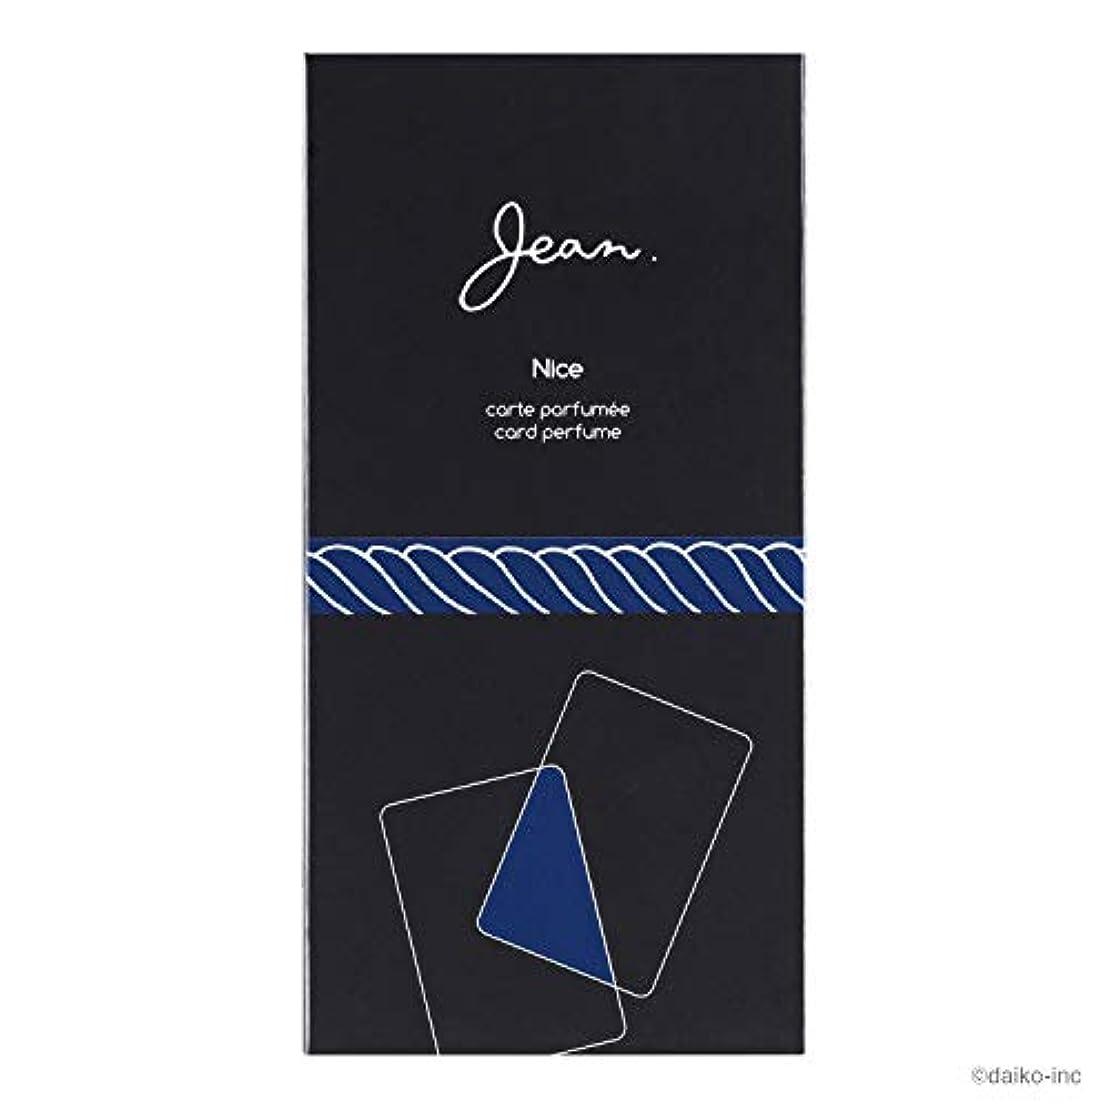 対抗なめらかな累計Jean.カードパフューム ニース